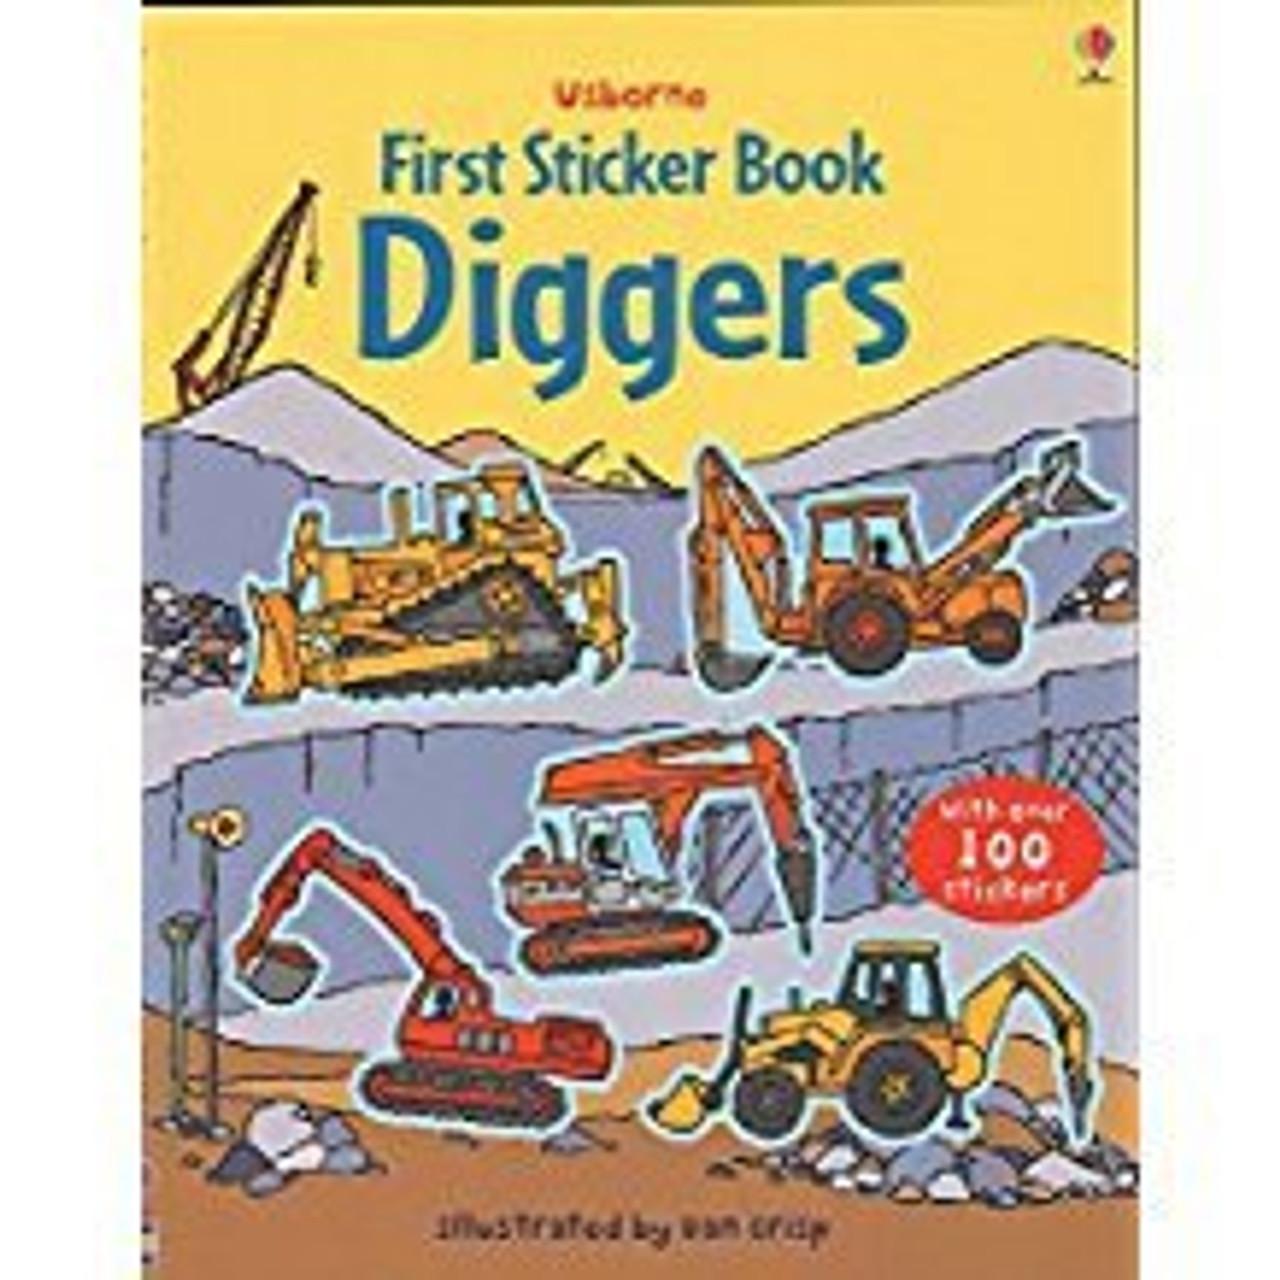 DIGGERS FIRST STICKER BOOK